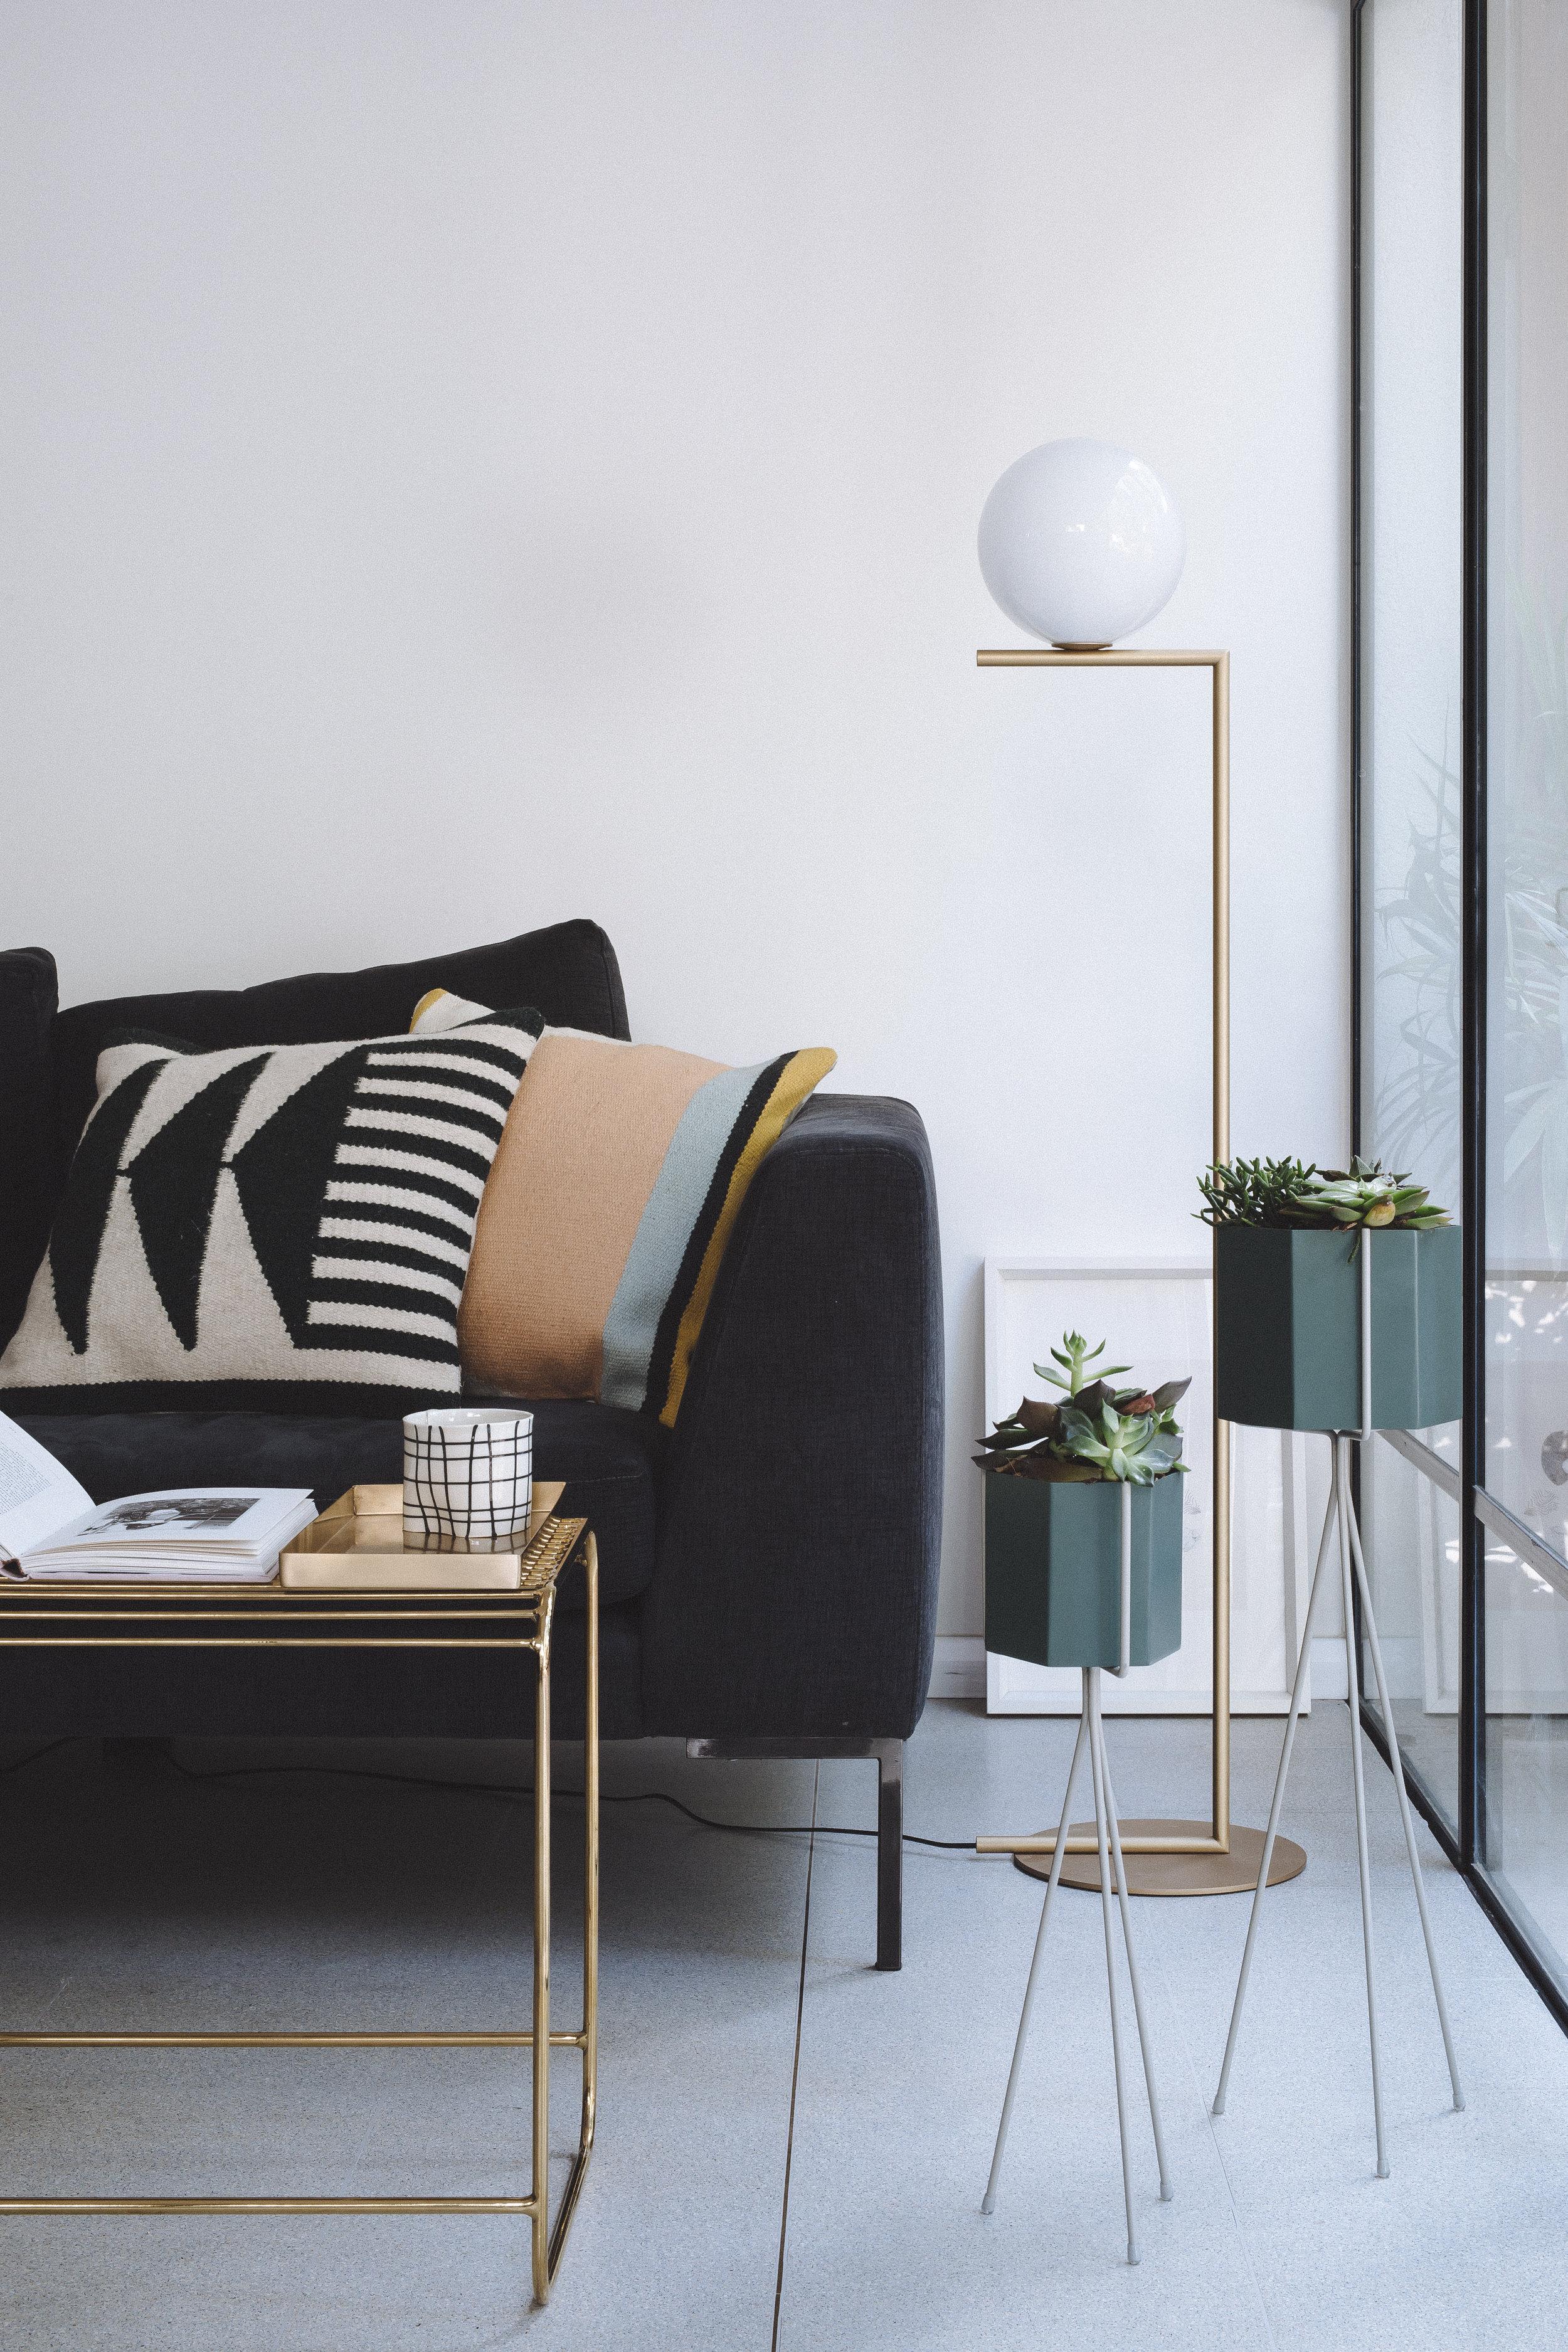 Flos IC light. Living room design. Velvet sofa. Ferm living